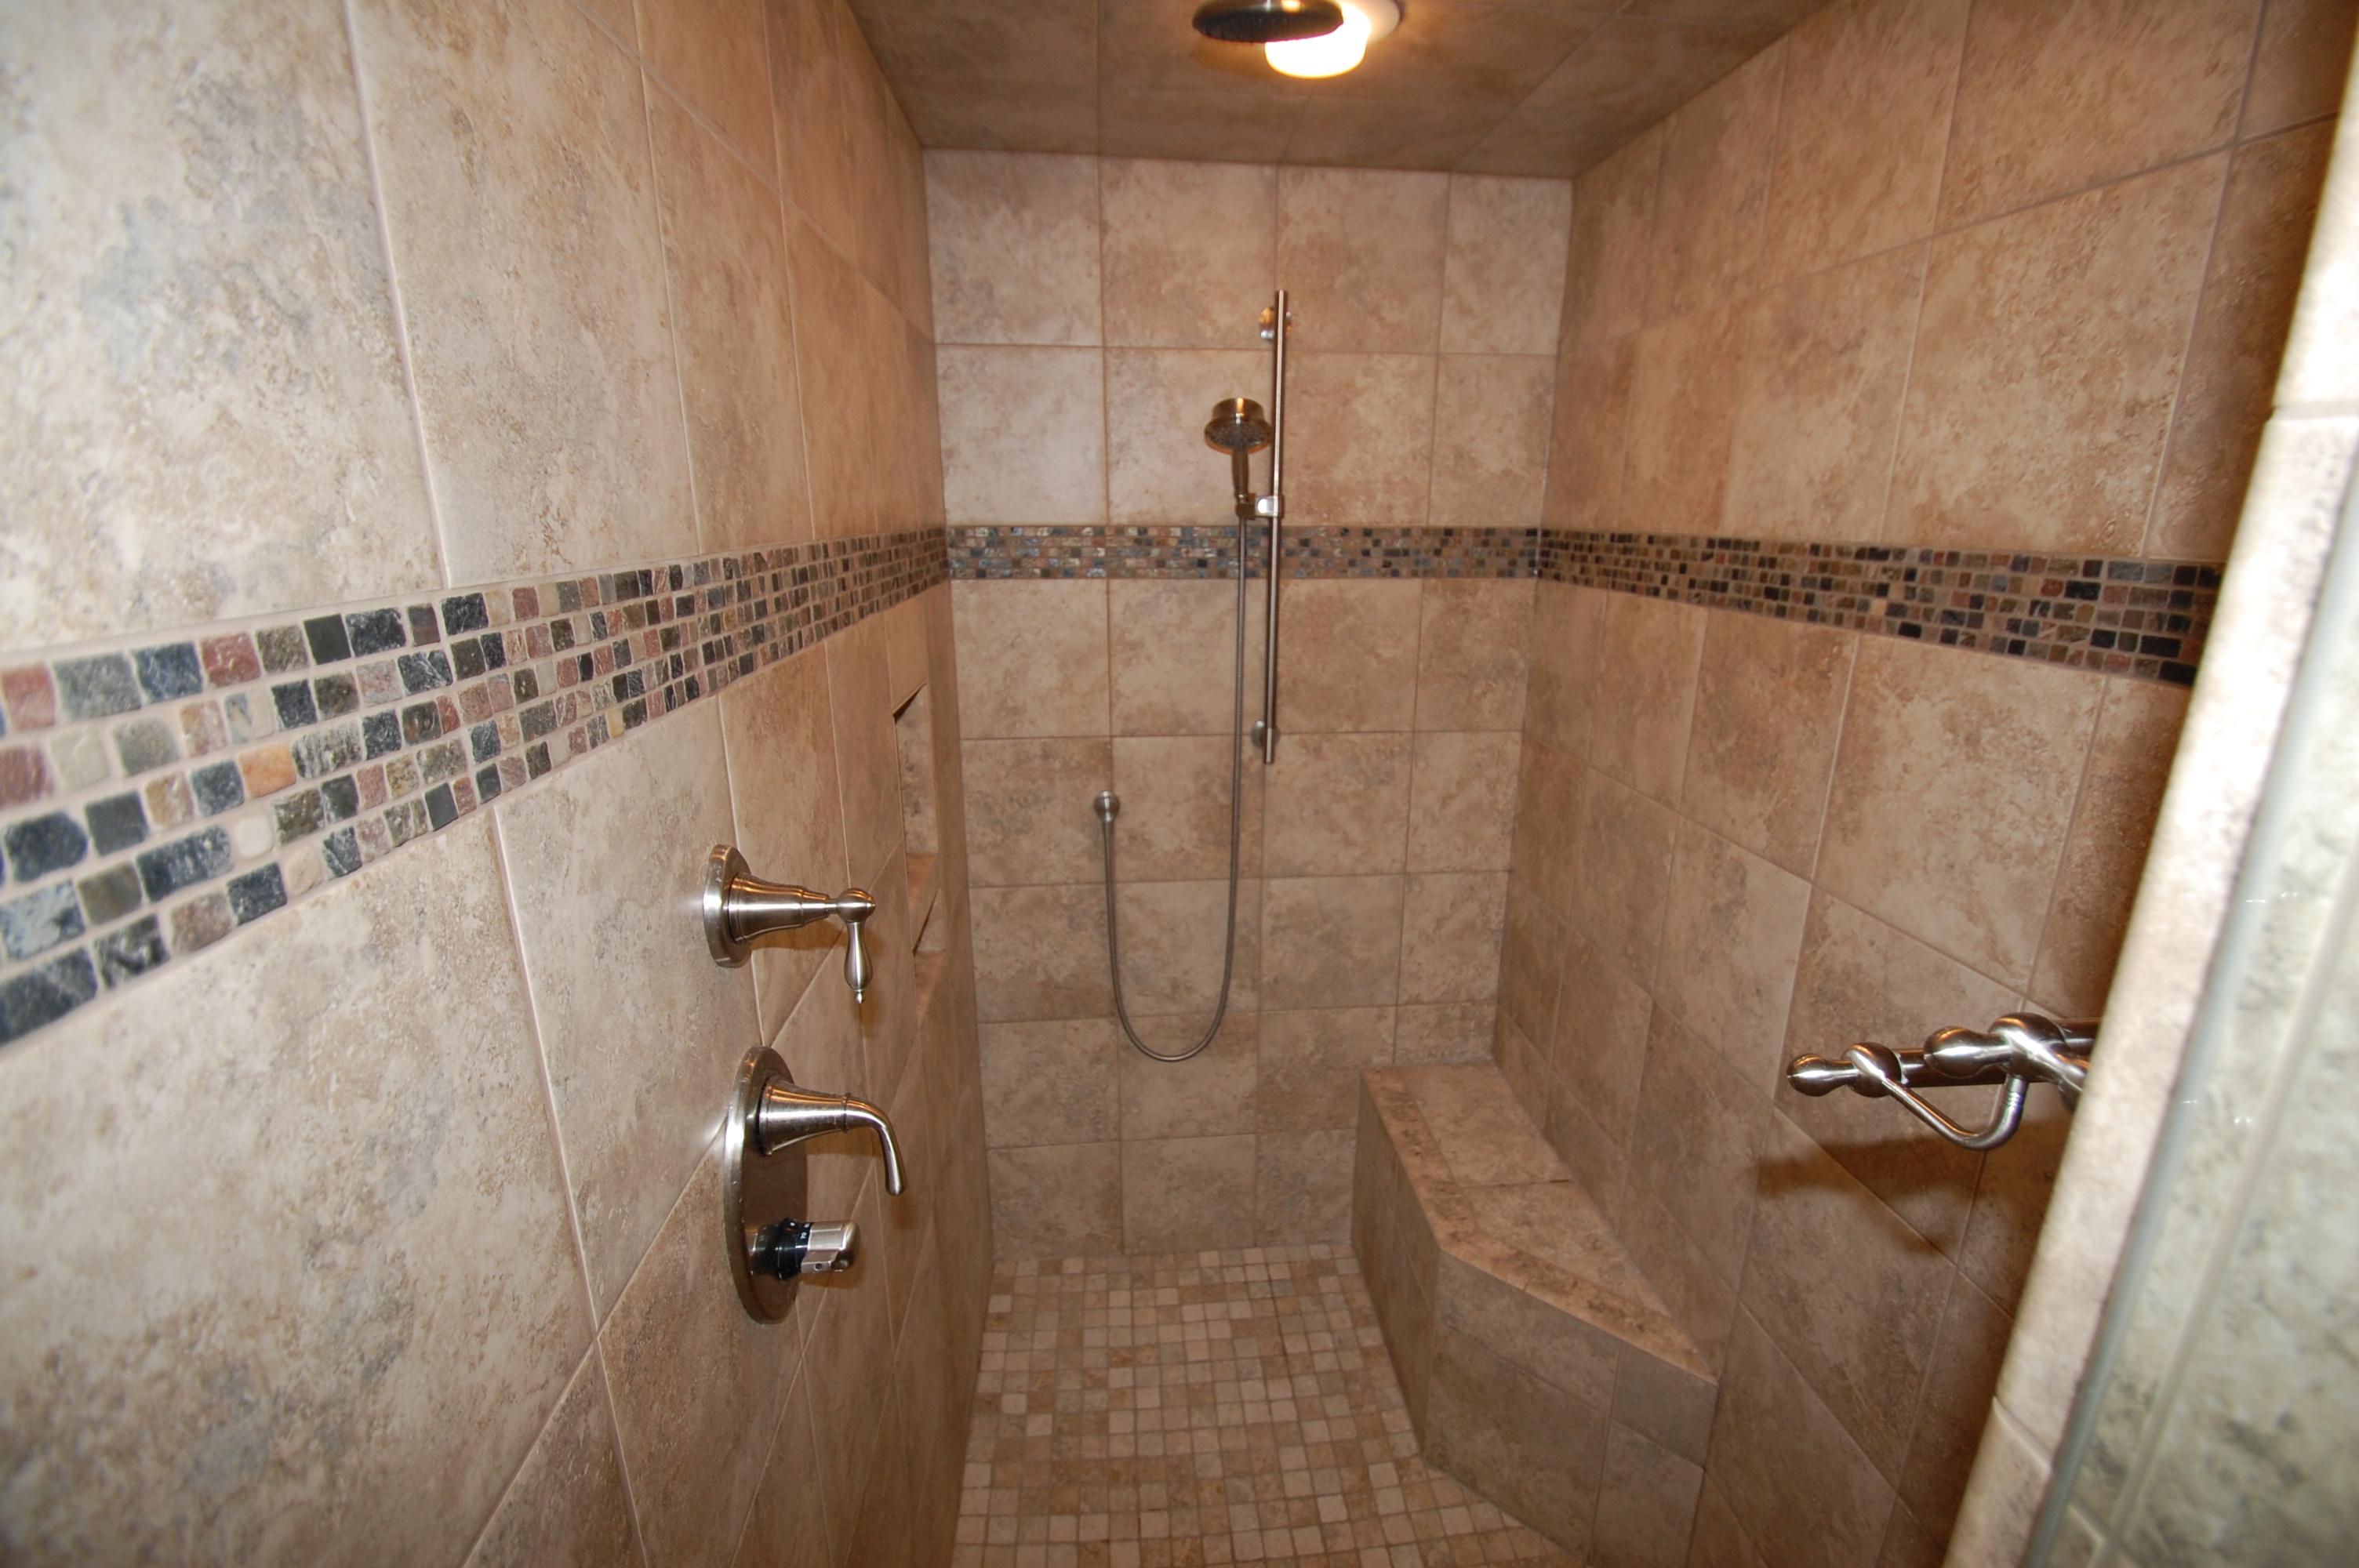 wasilczuk bath (5)